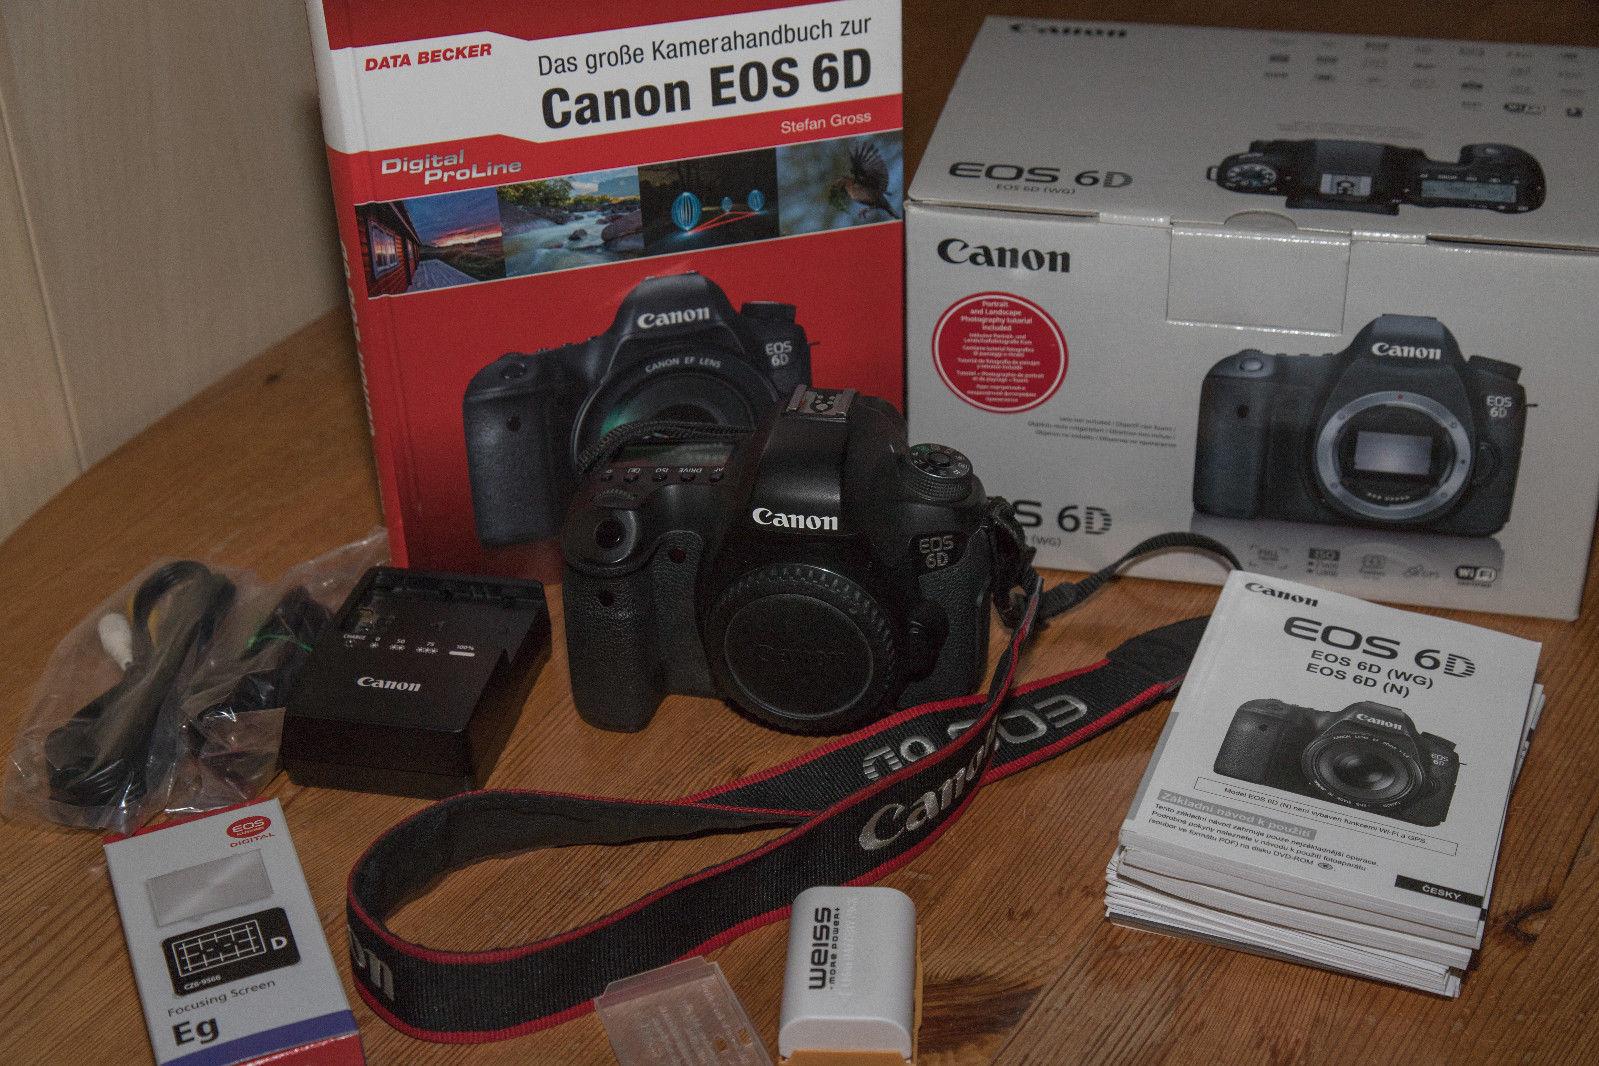 Canon EOS 6D 20,2 MP SLR-Digitalkamera - nur Gehäuse - inkl.Zubehörpaket